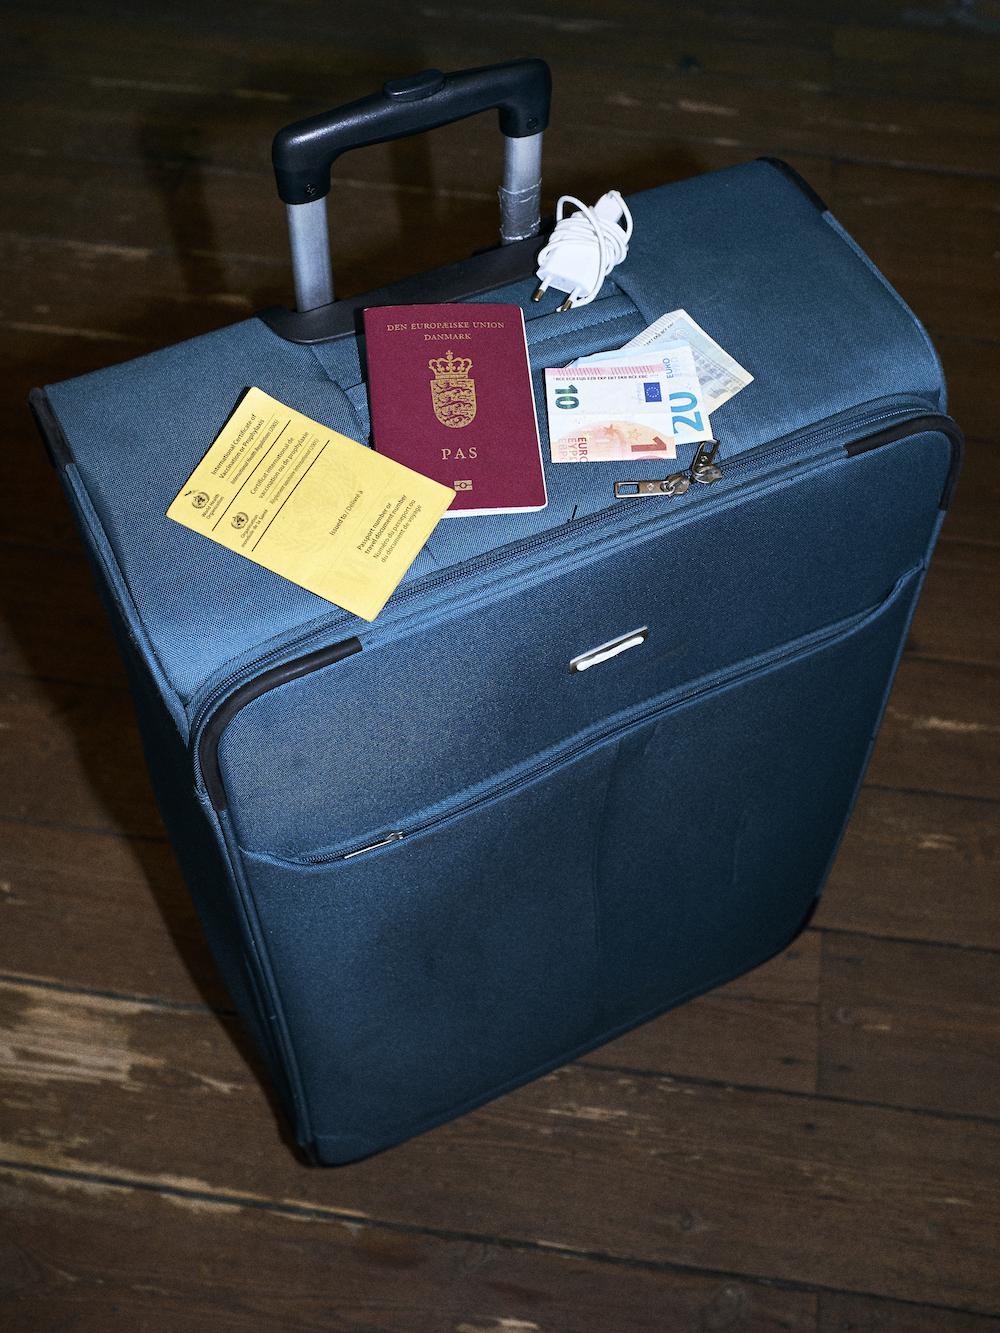 Pak blot din taske med alt det du har brug for. Du behøves ikke være bekymret, når du har Undo med på rejsen.